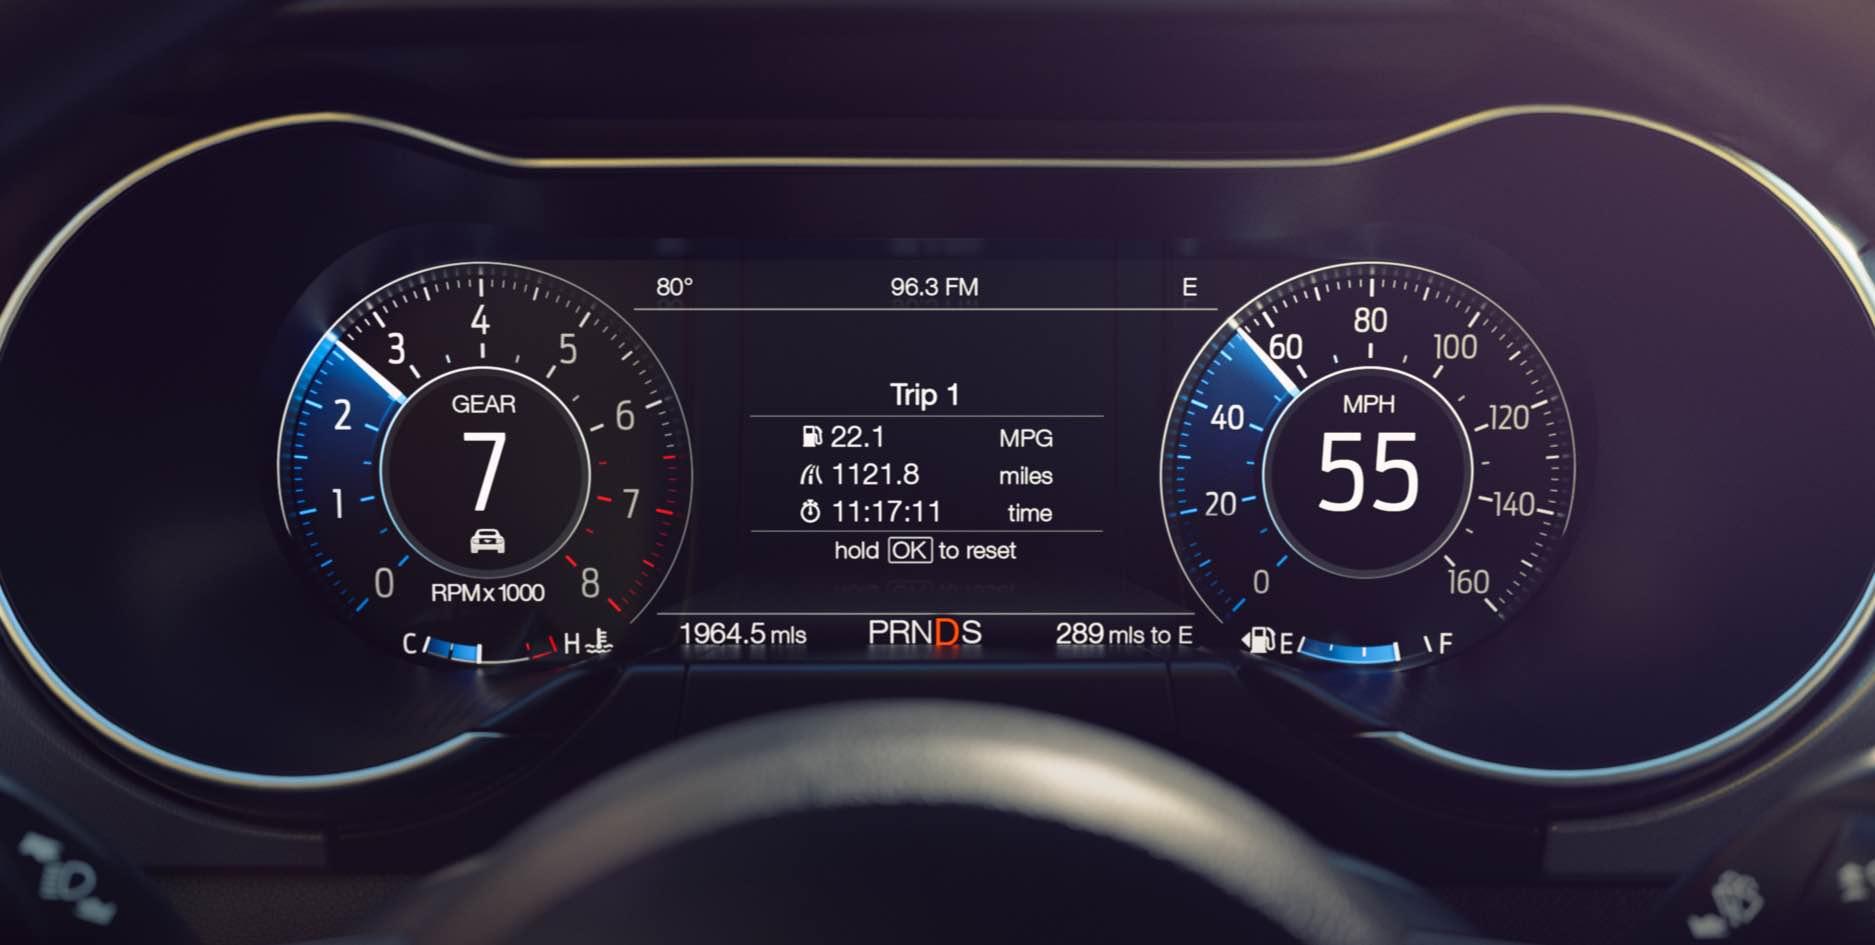 Tableau de bord de 12 pouces de la Mustang 2018 offert en option. - Source : Ford